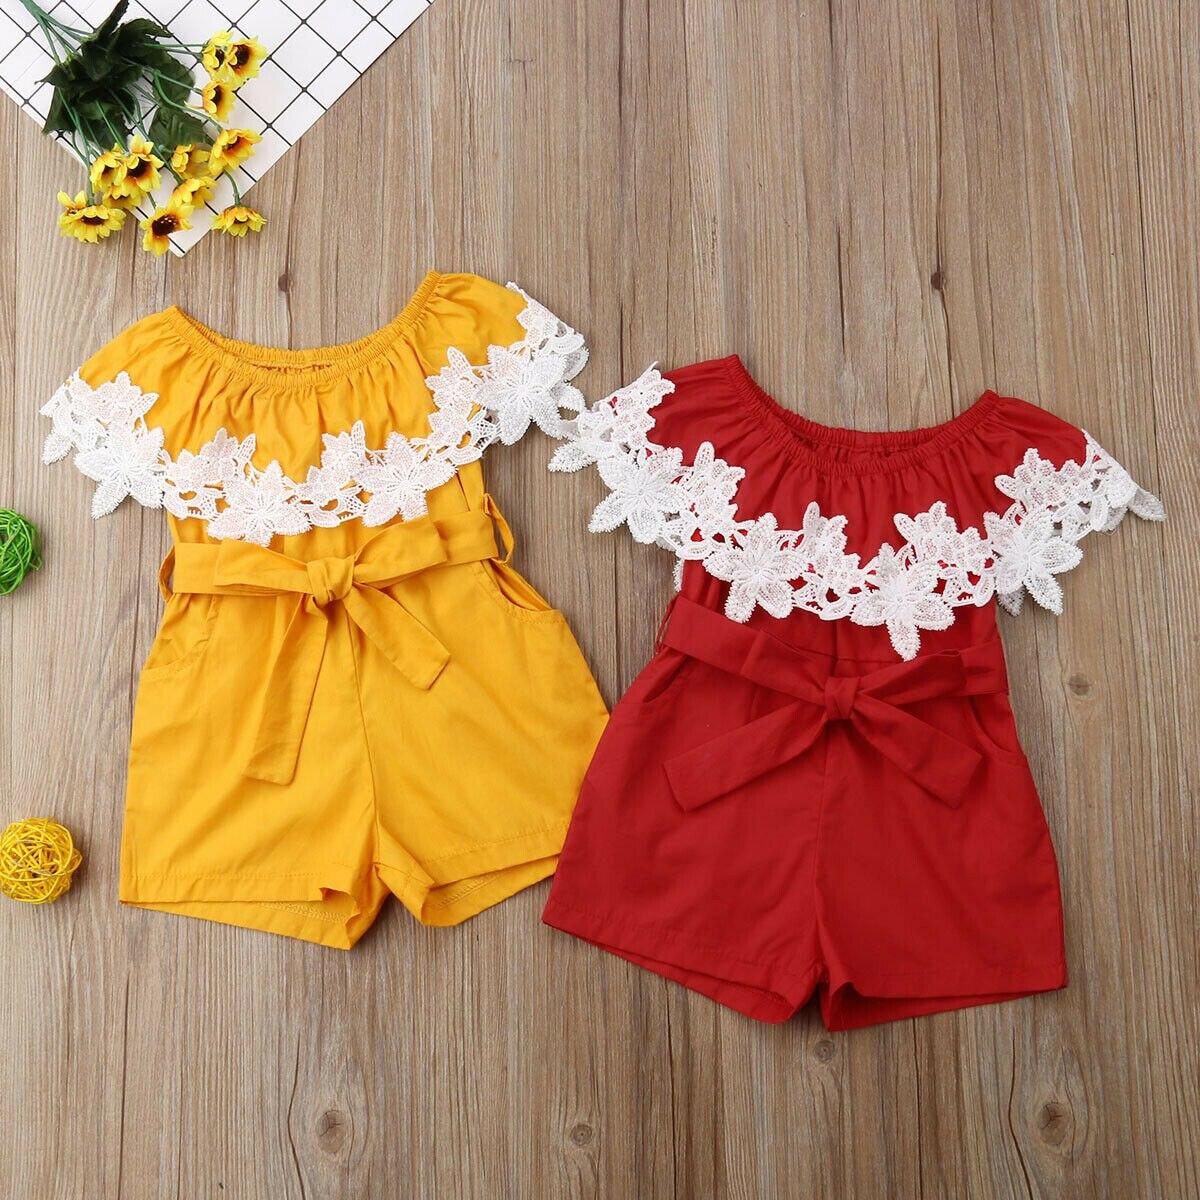 יילוד תינוקת בגדי תחרה פרח מוצק צבע Rompers סרבל מקשה אחת תלבושת Playsuit